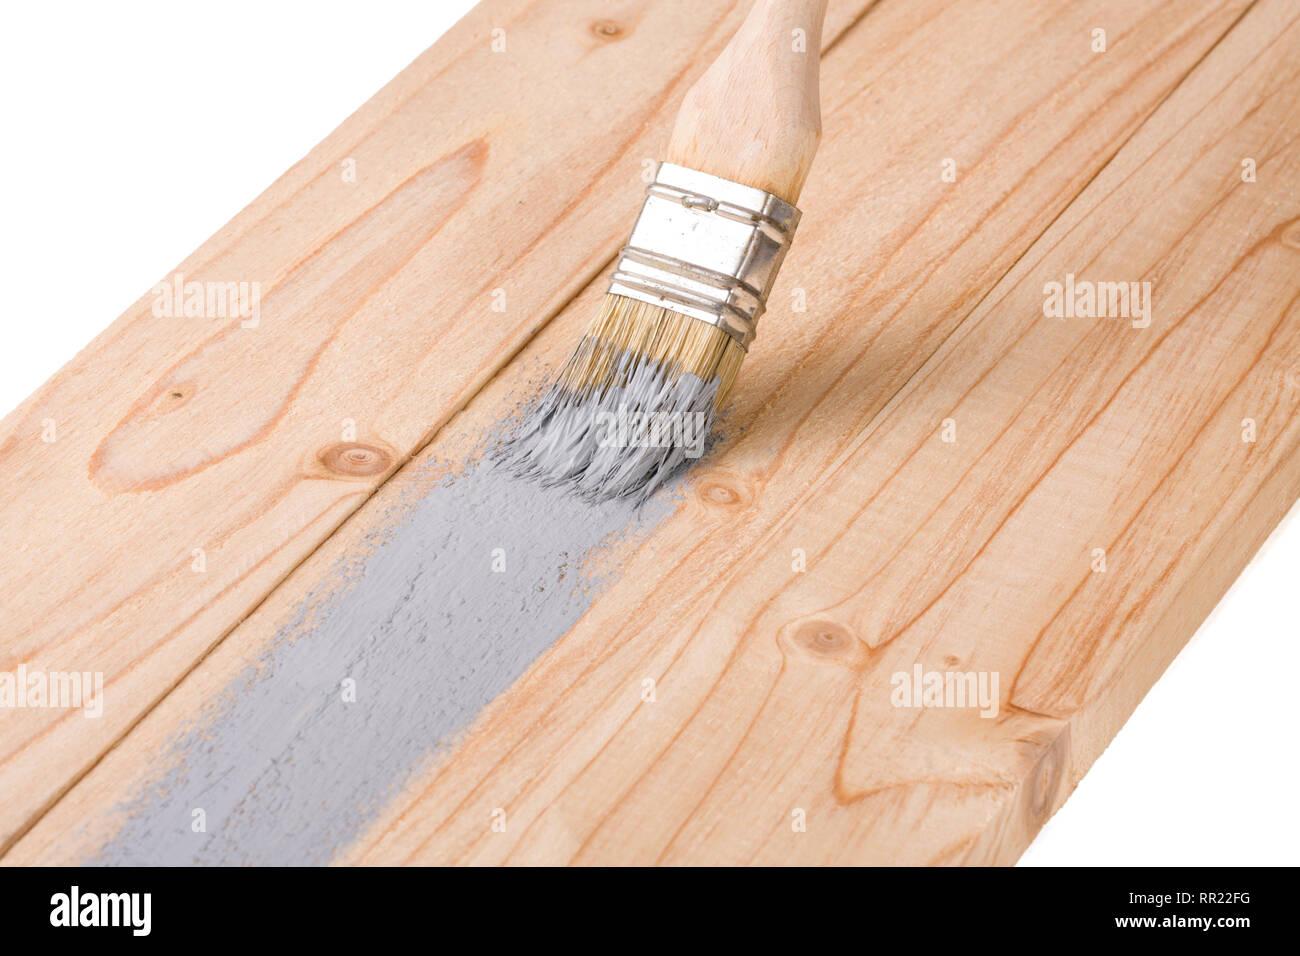 Colori Vernici Legno : Verniciatura pannello di legno spazzola di vernice di colore